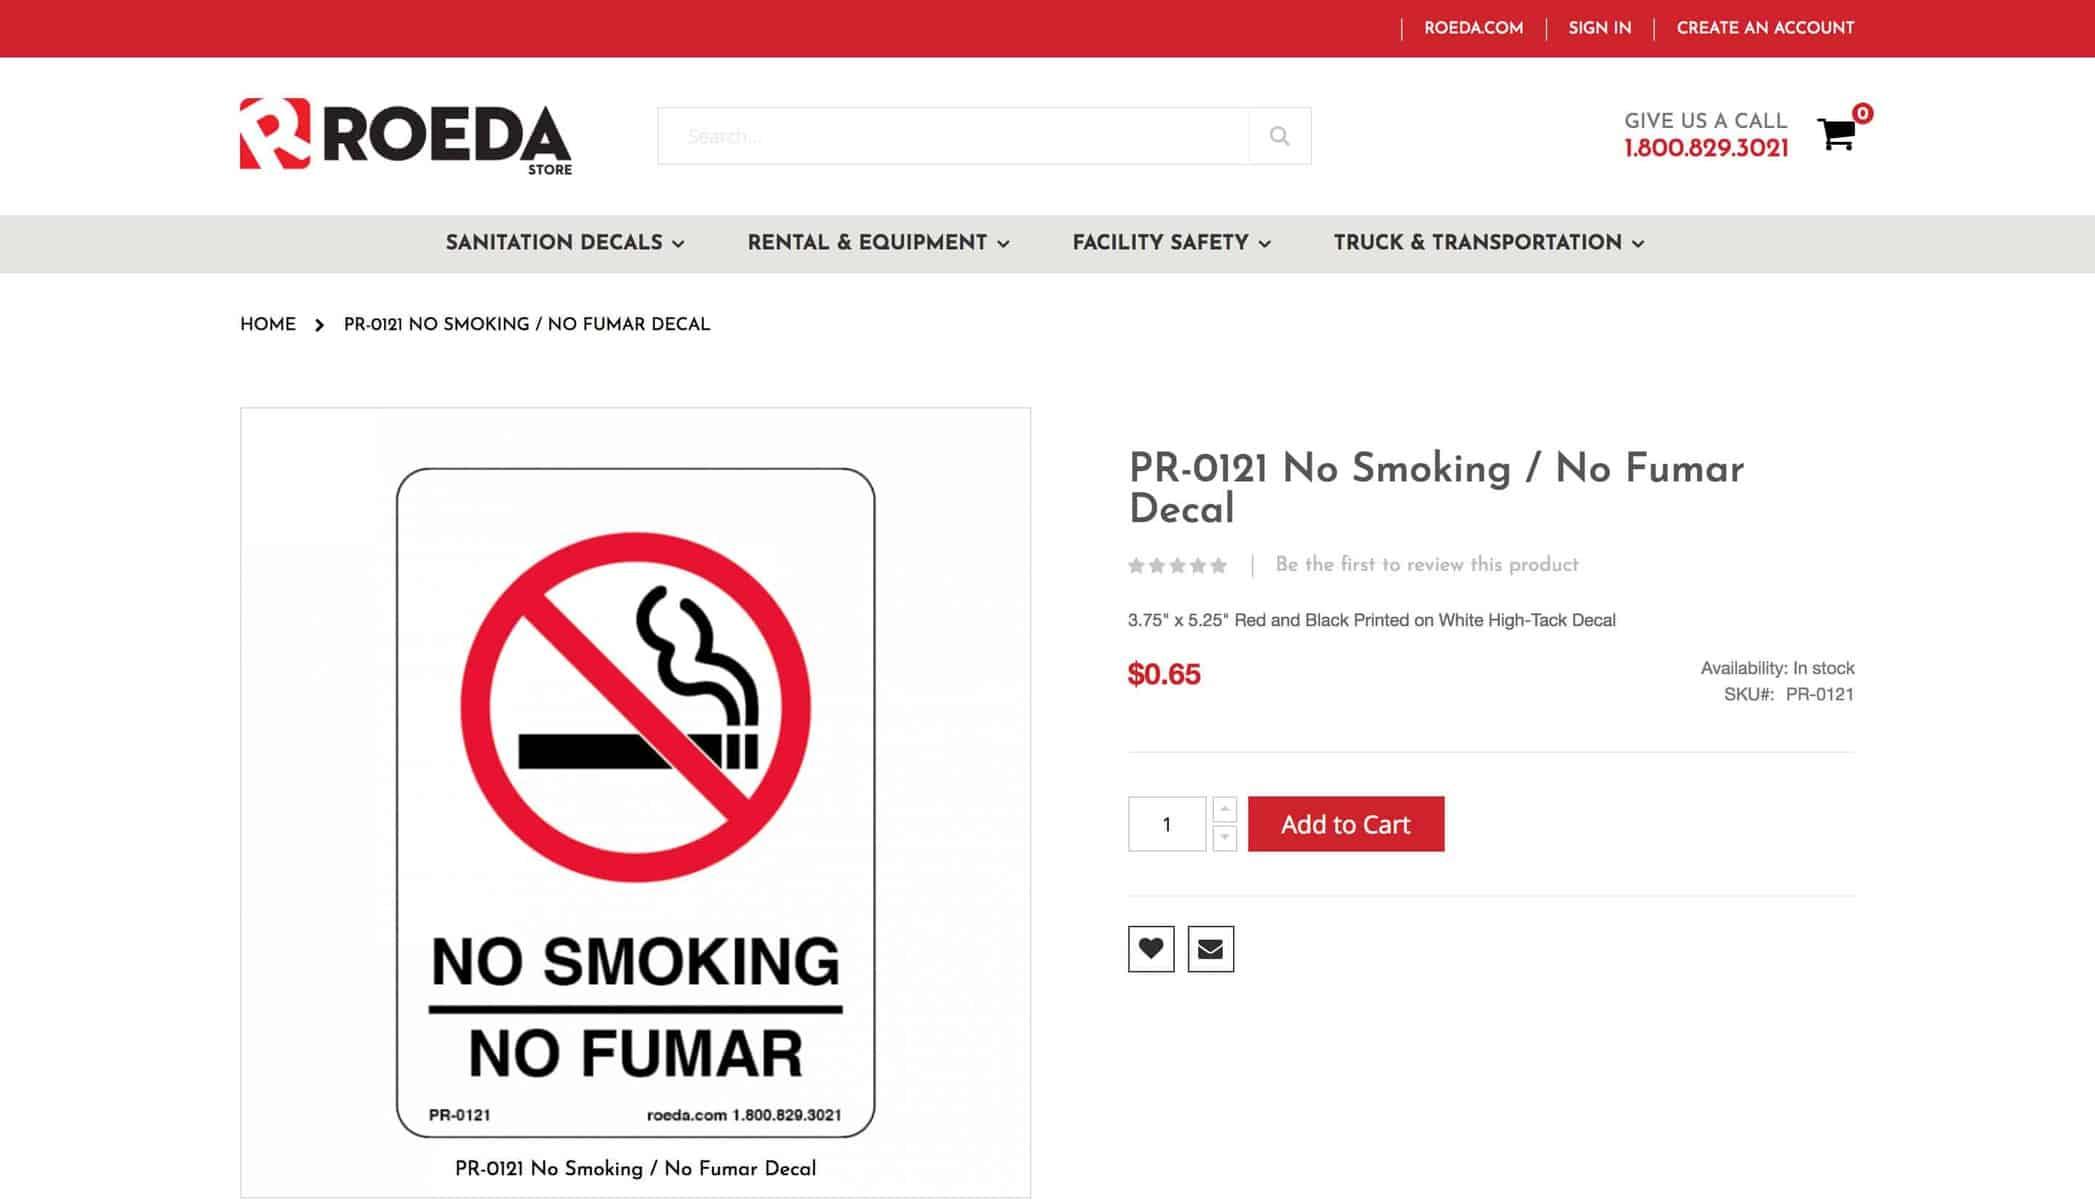 Roada website sales page